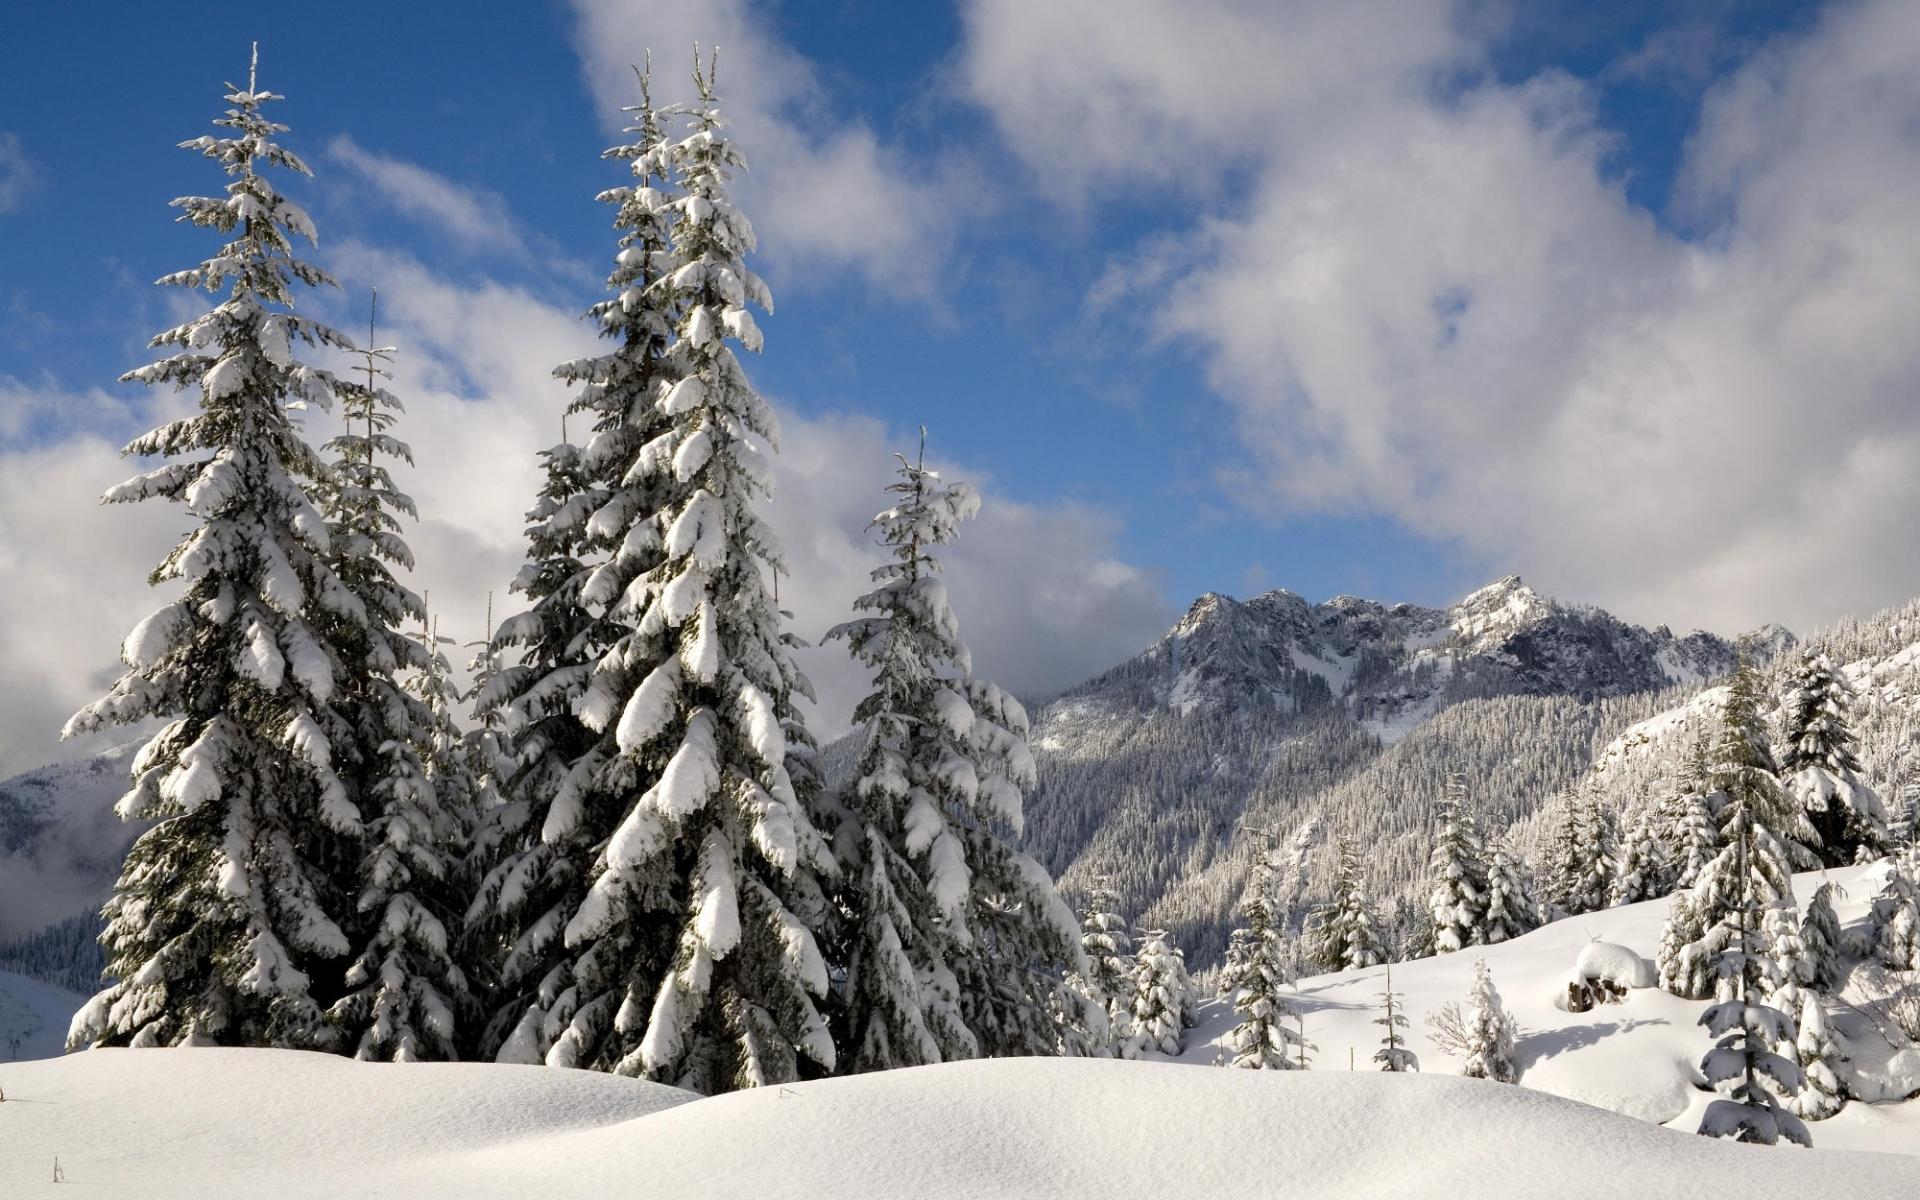 3762 скачать обои Пейзаж, Зима, Деревья, Снег, Елки - заставки и картинки бесплатно